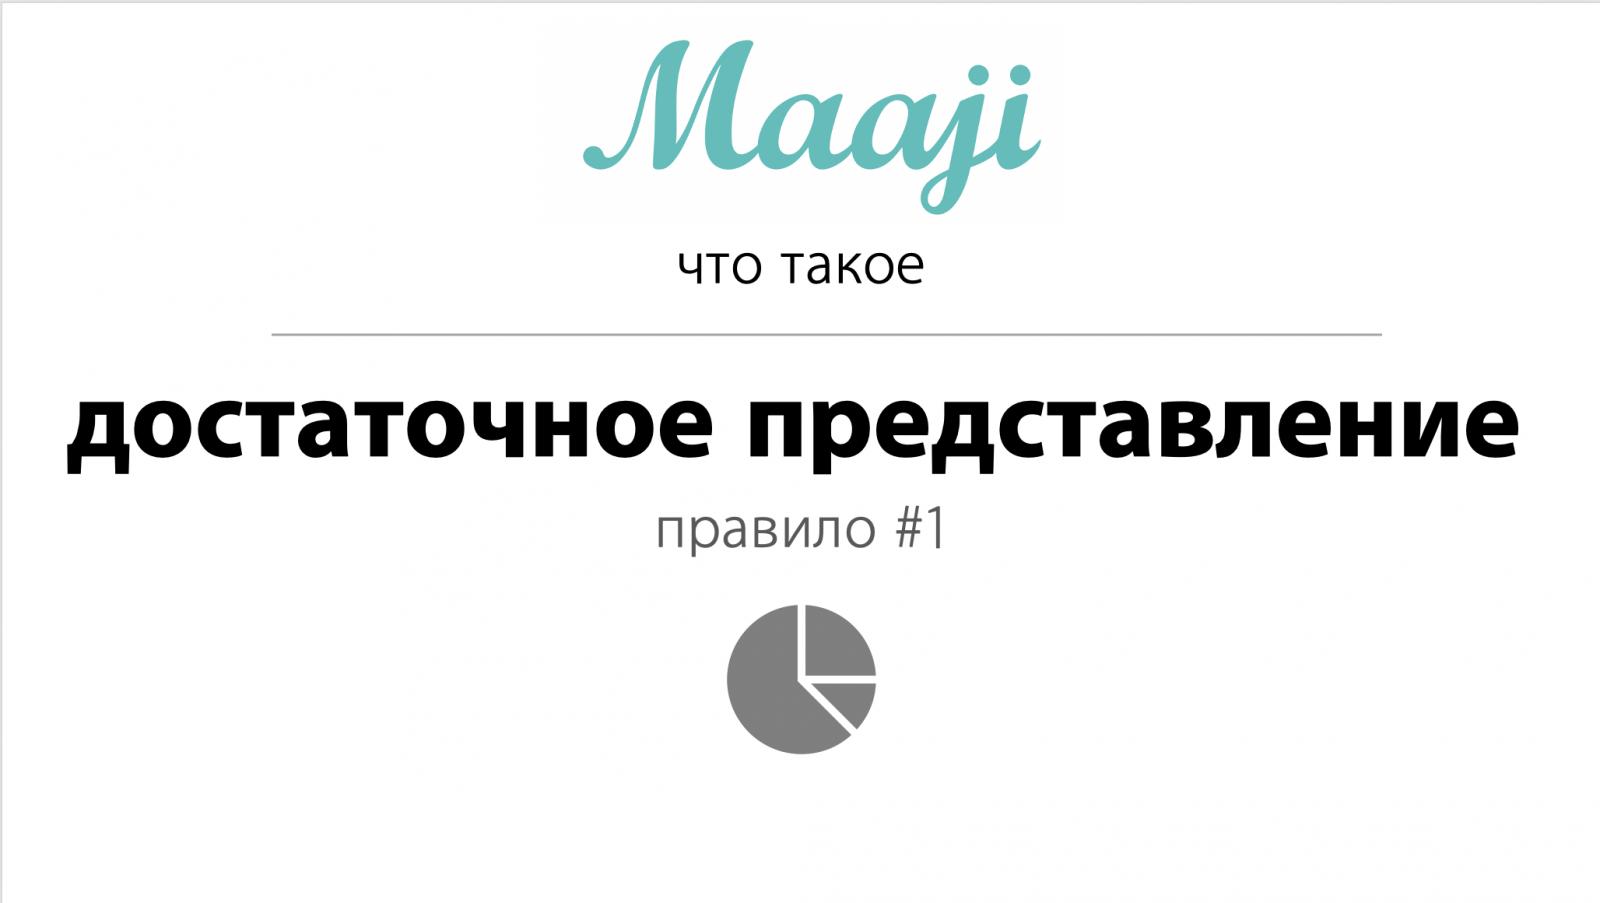 MJ21 MAAJI